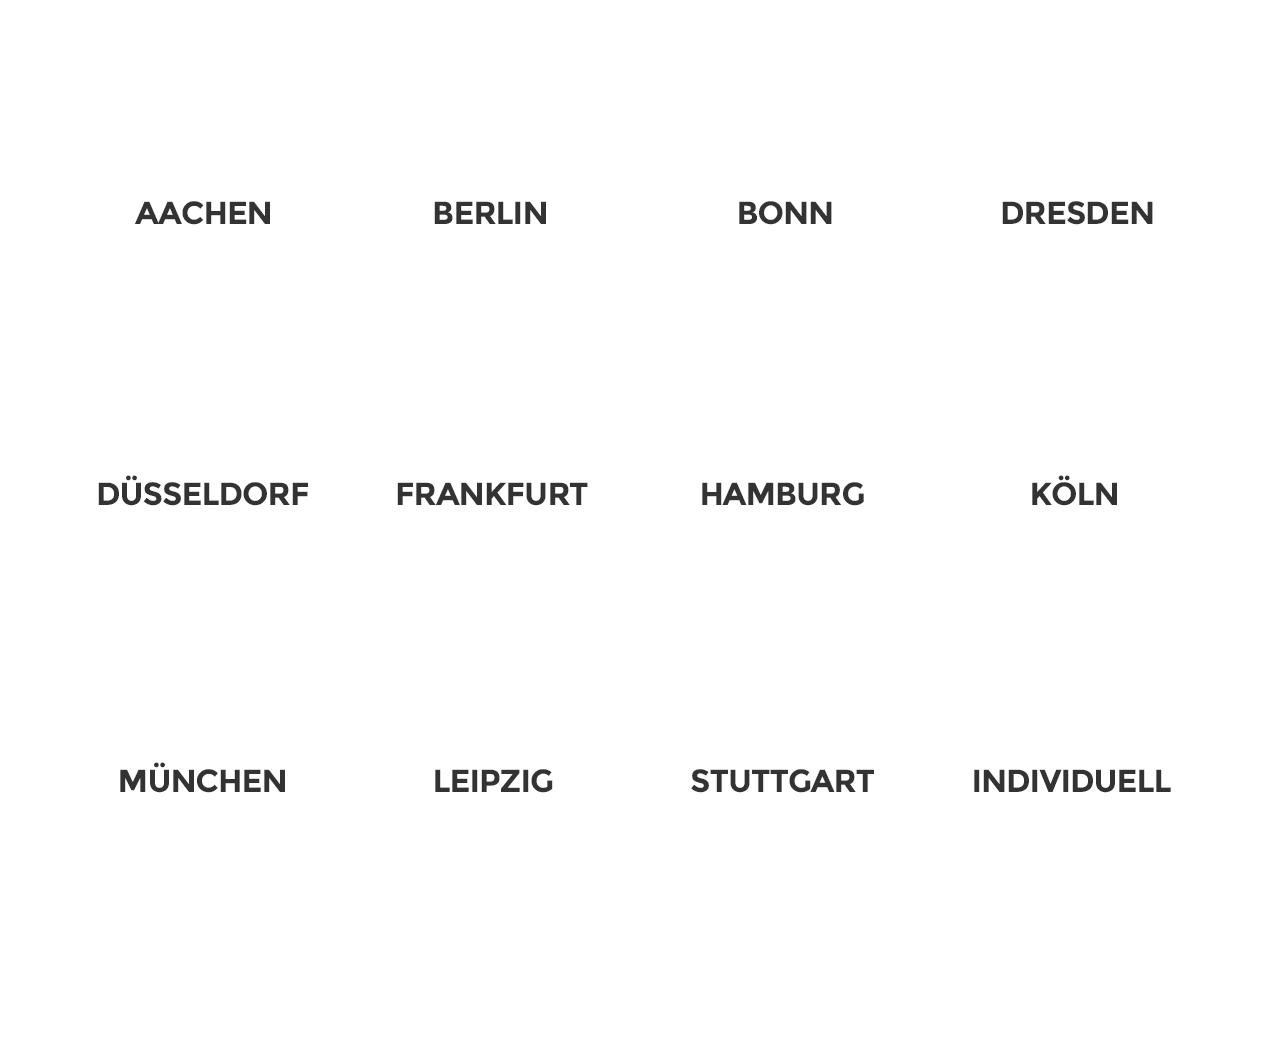 vorratsgesellschaften kaufen in Aachen, Berlin, Bonn, Dresden, Düsseldorf, Frankfurt, Hamburg, Köln, München, Leipzig, Stuttgart oder auch individuell